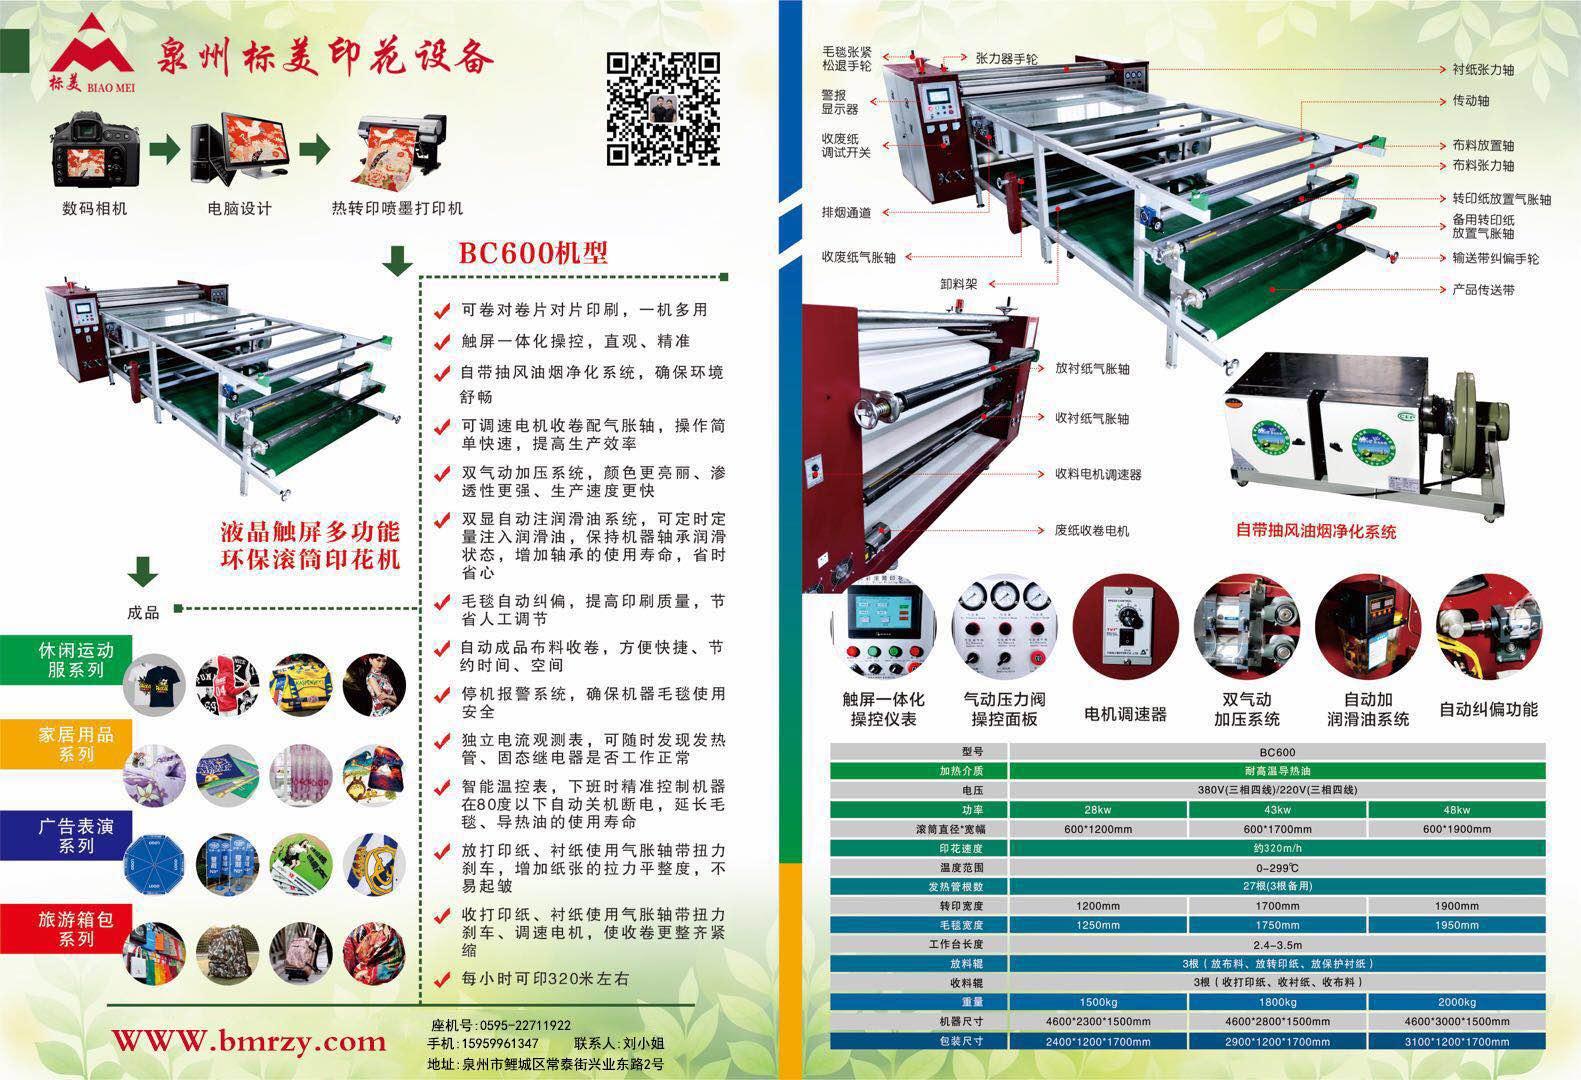 液晶触屏多功能环保滚筒印花机    BC600机型